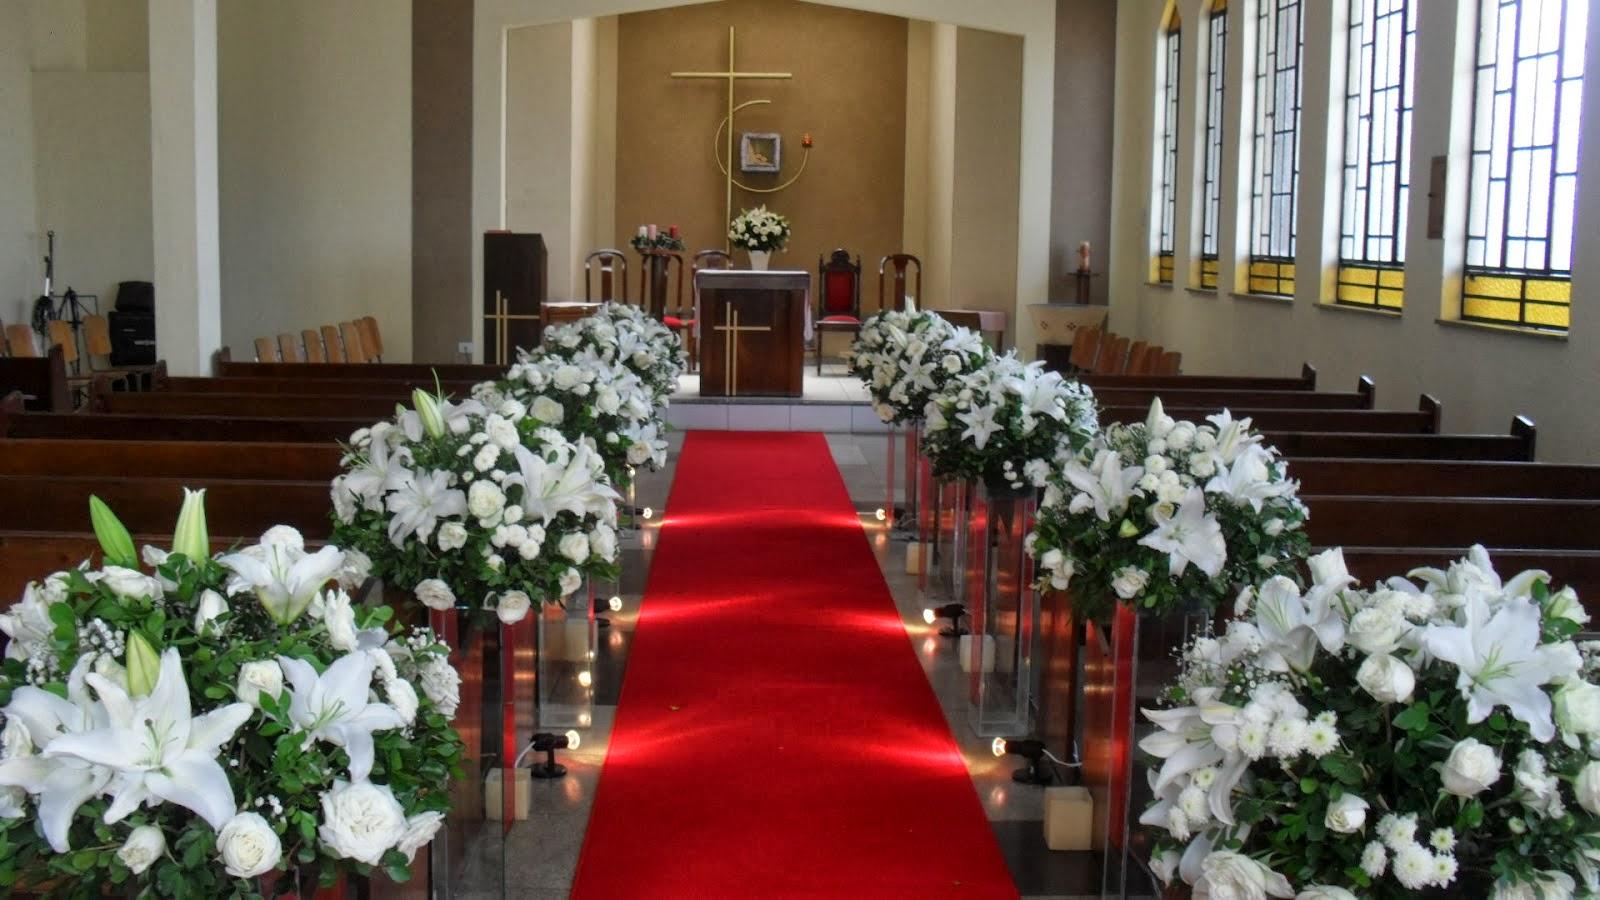 Decoracao De Igreja Com Flores Do Campo 6  Car Interior Design